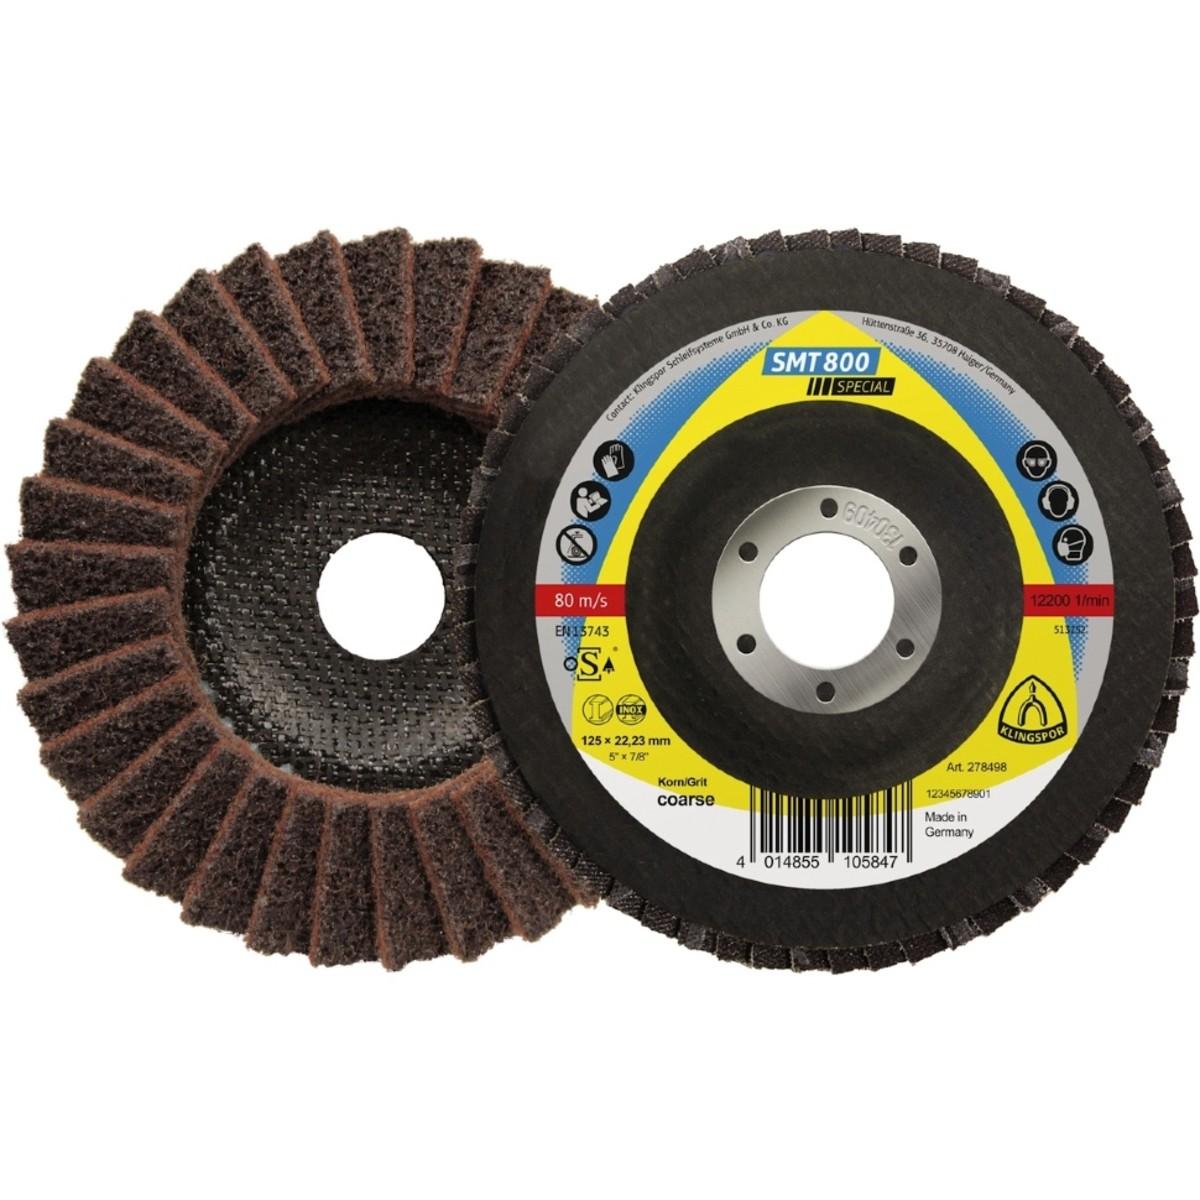 Лепестковый торцевой круг Klingspor Special SMT 800 нетканый P80 coarse 1 шт 278498 5 шт